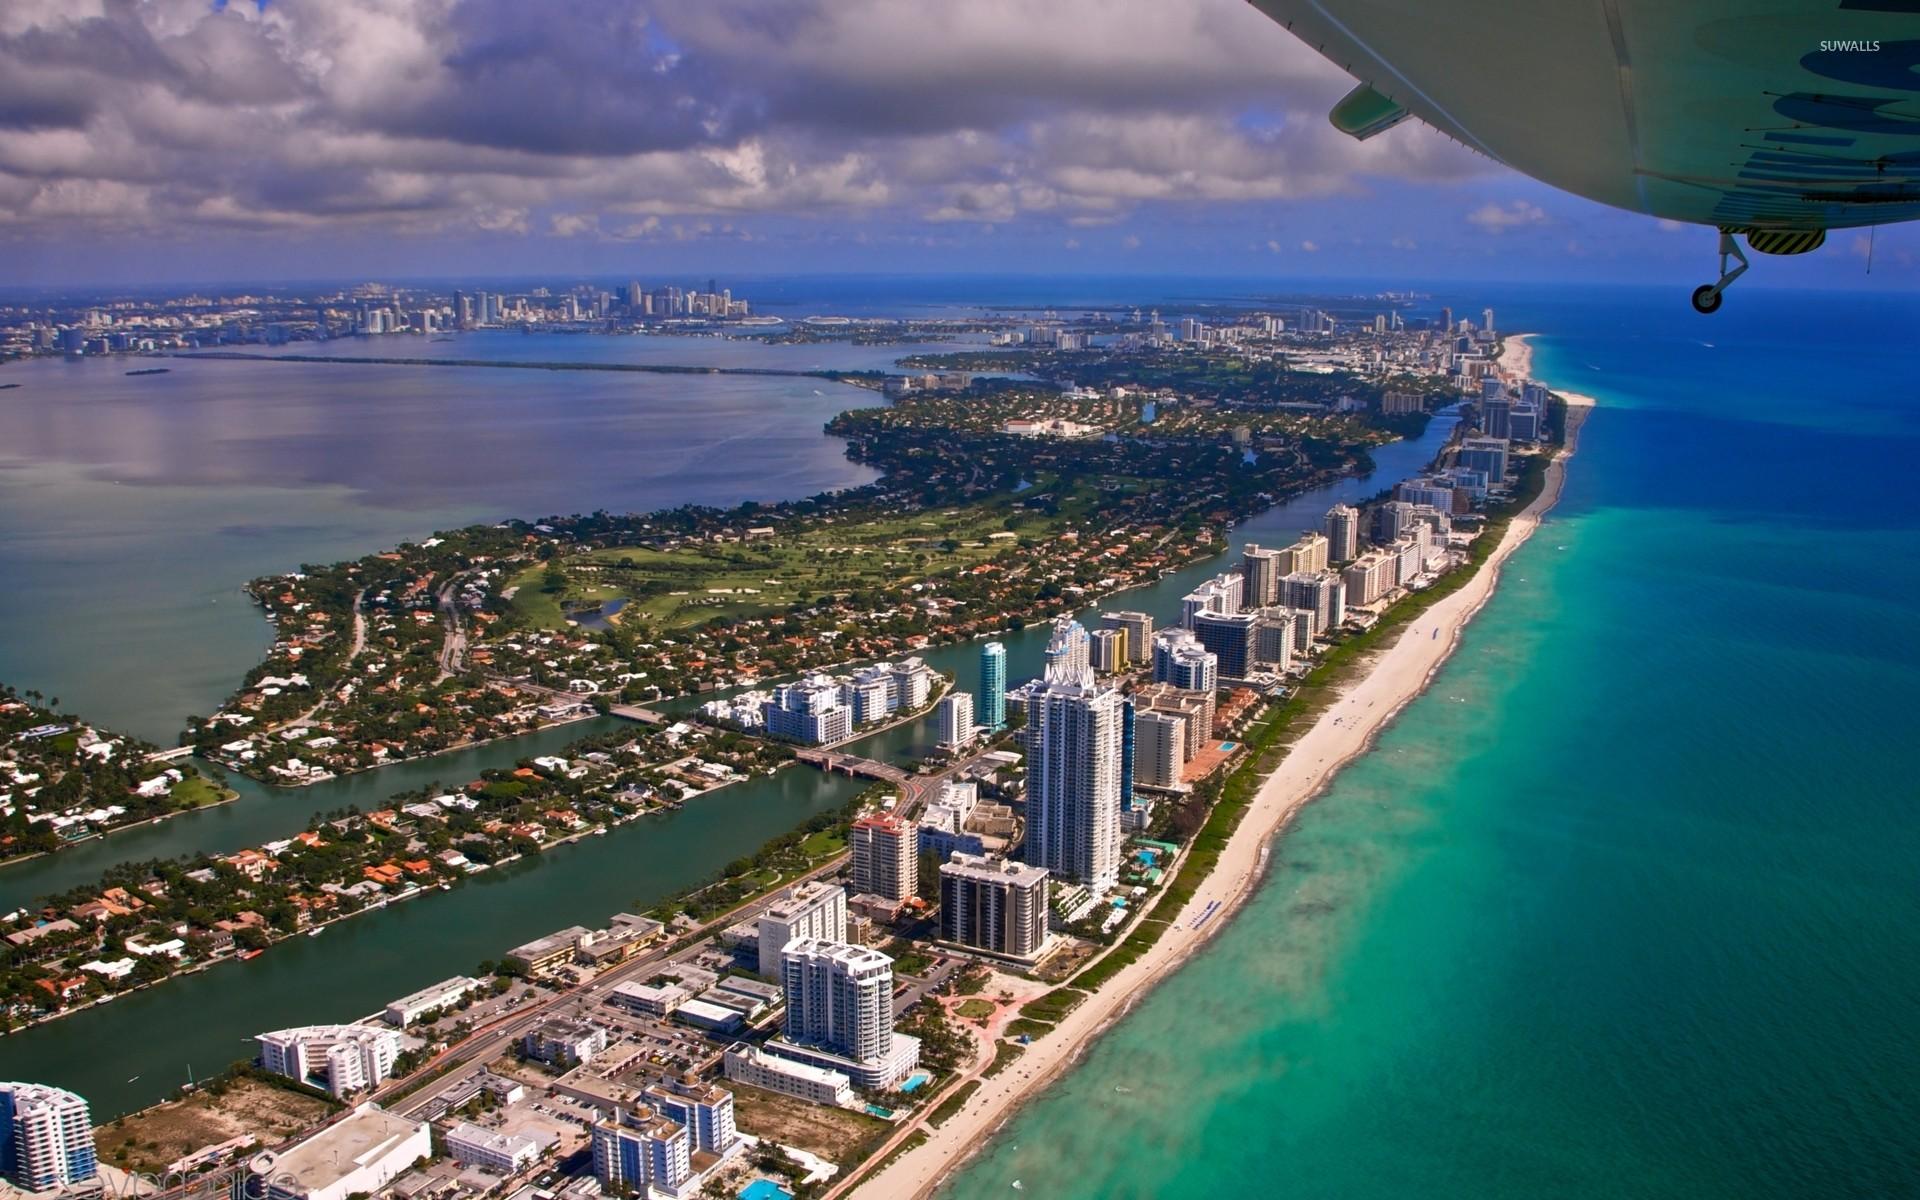 Miami [7] wallpaper